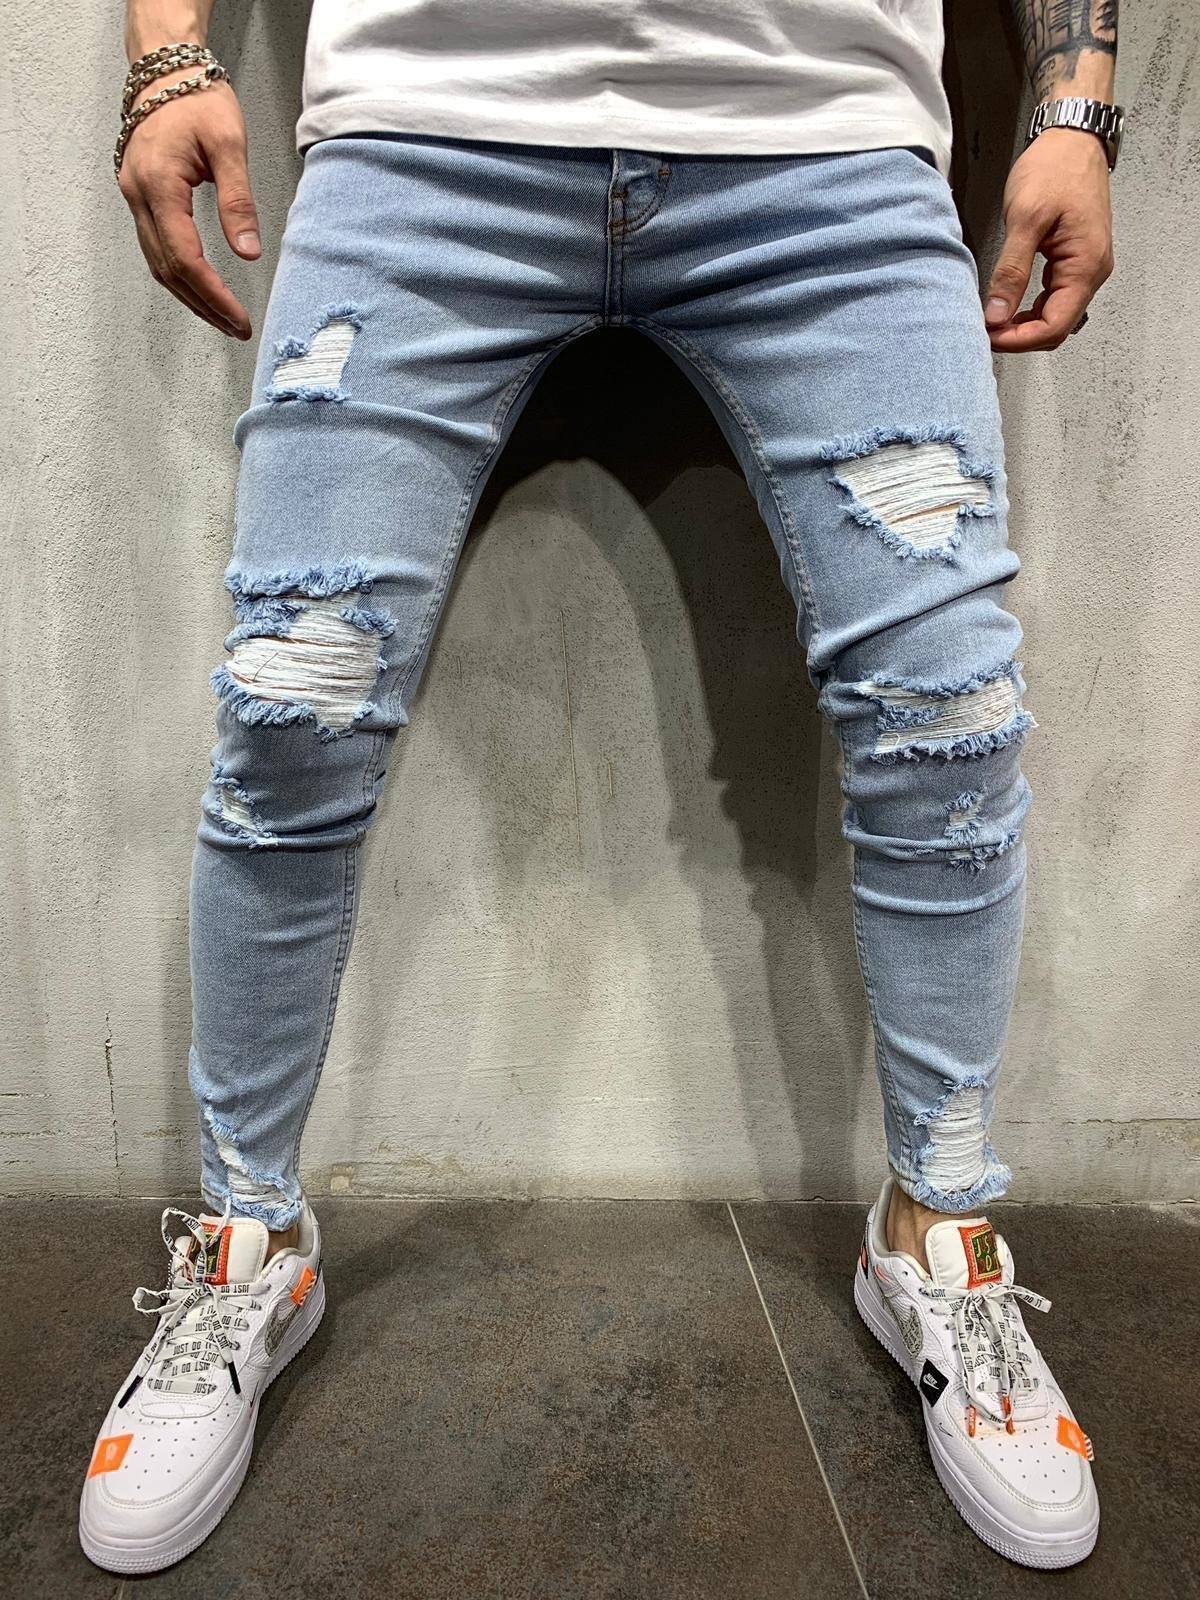 A2jTR 2020 Высоких джинсы мужских Приталенный тощие пяты обрезанной рваные брюки джинсы модной молодежь и стрит